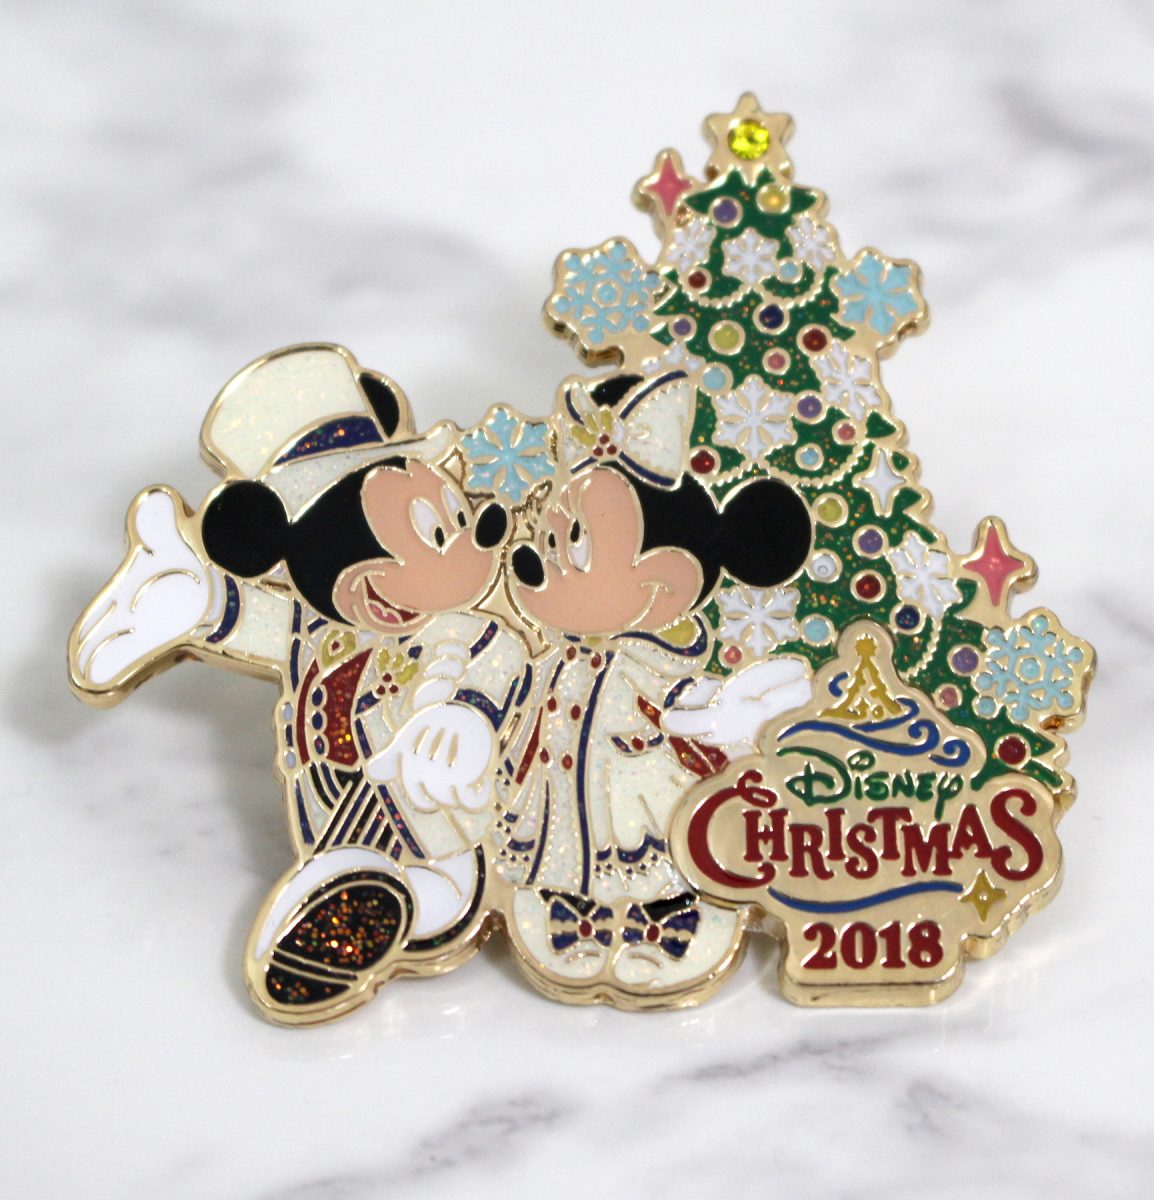 東京ディズニーシー ディズニー・クリスマス ピンバッジ